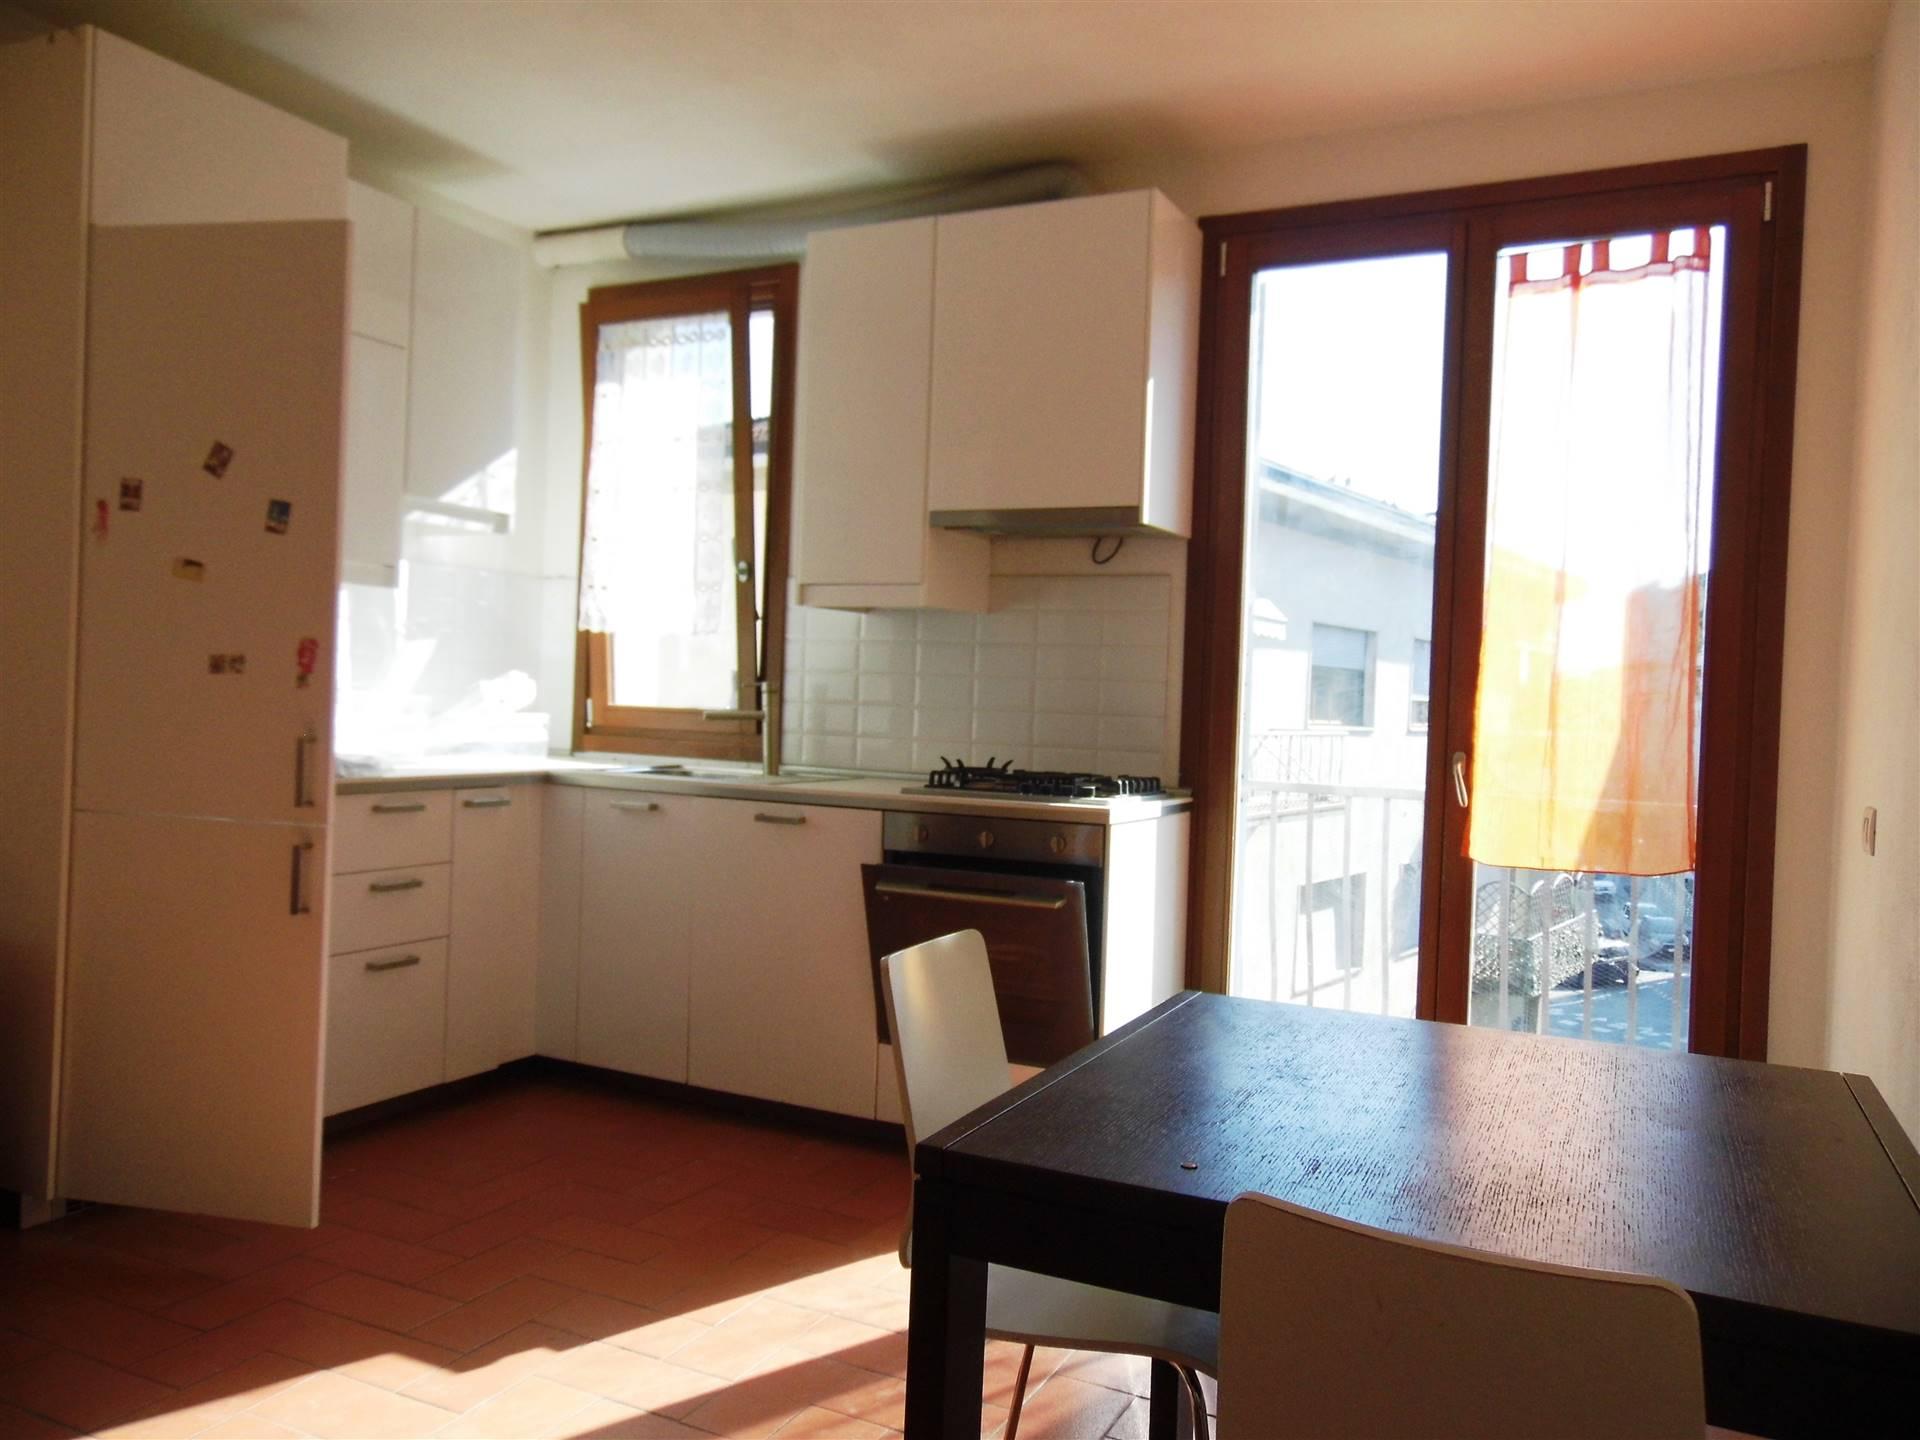 Appartamento in affitto a Borgo San Lorenzo, 3 locali, zona Località: PAESE, prezzo € 600 | CambioCasa.it